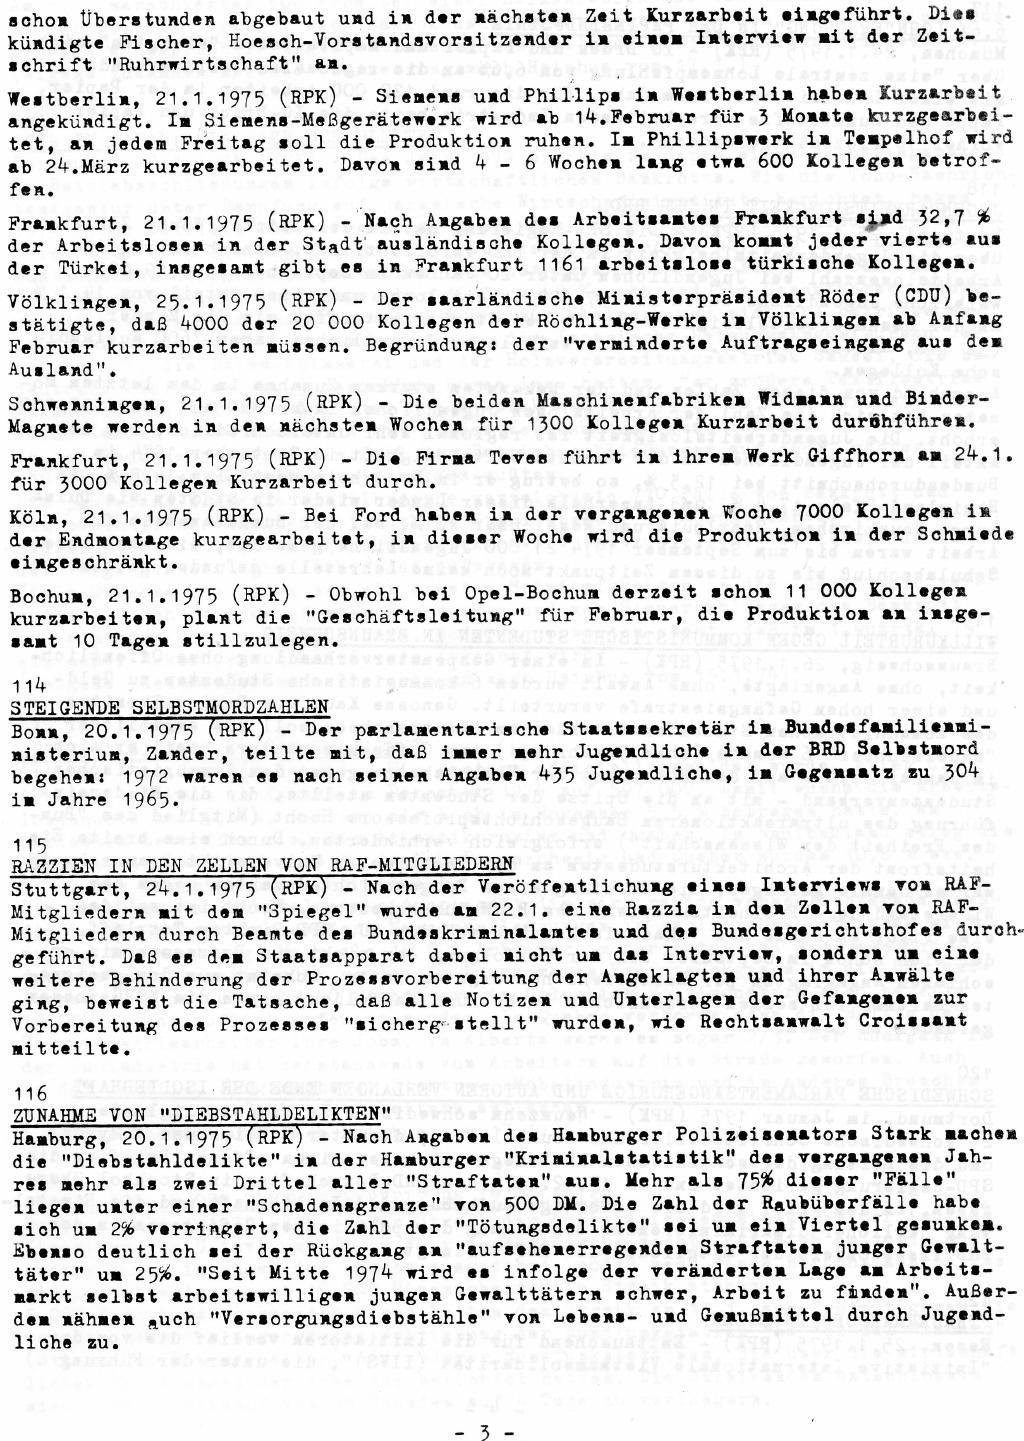 RPK_Pressedienst_1975_10_03